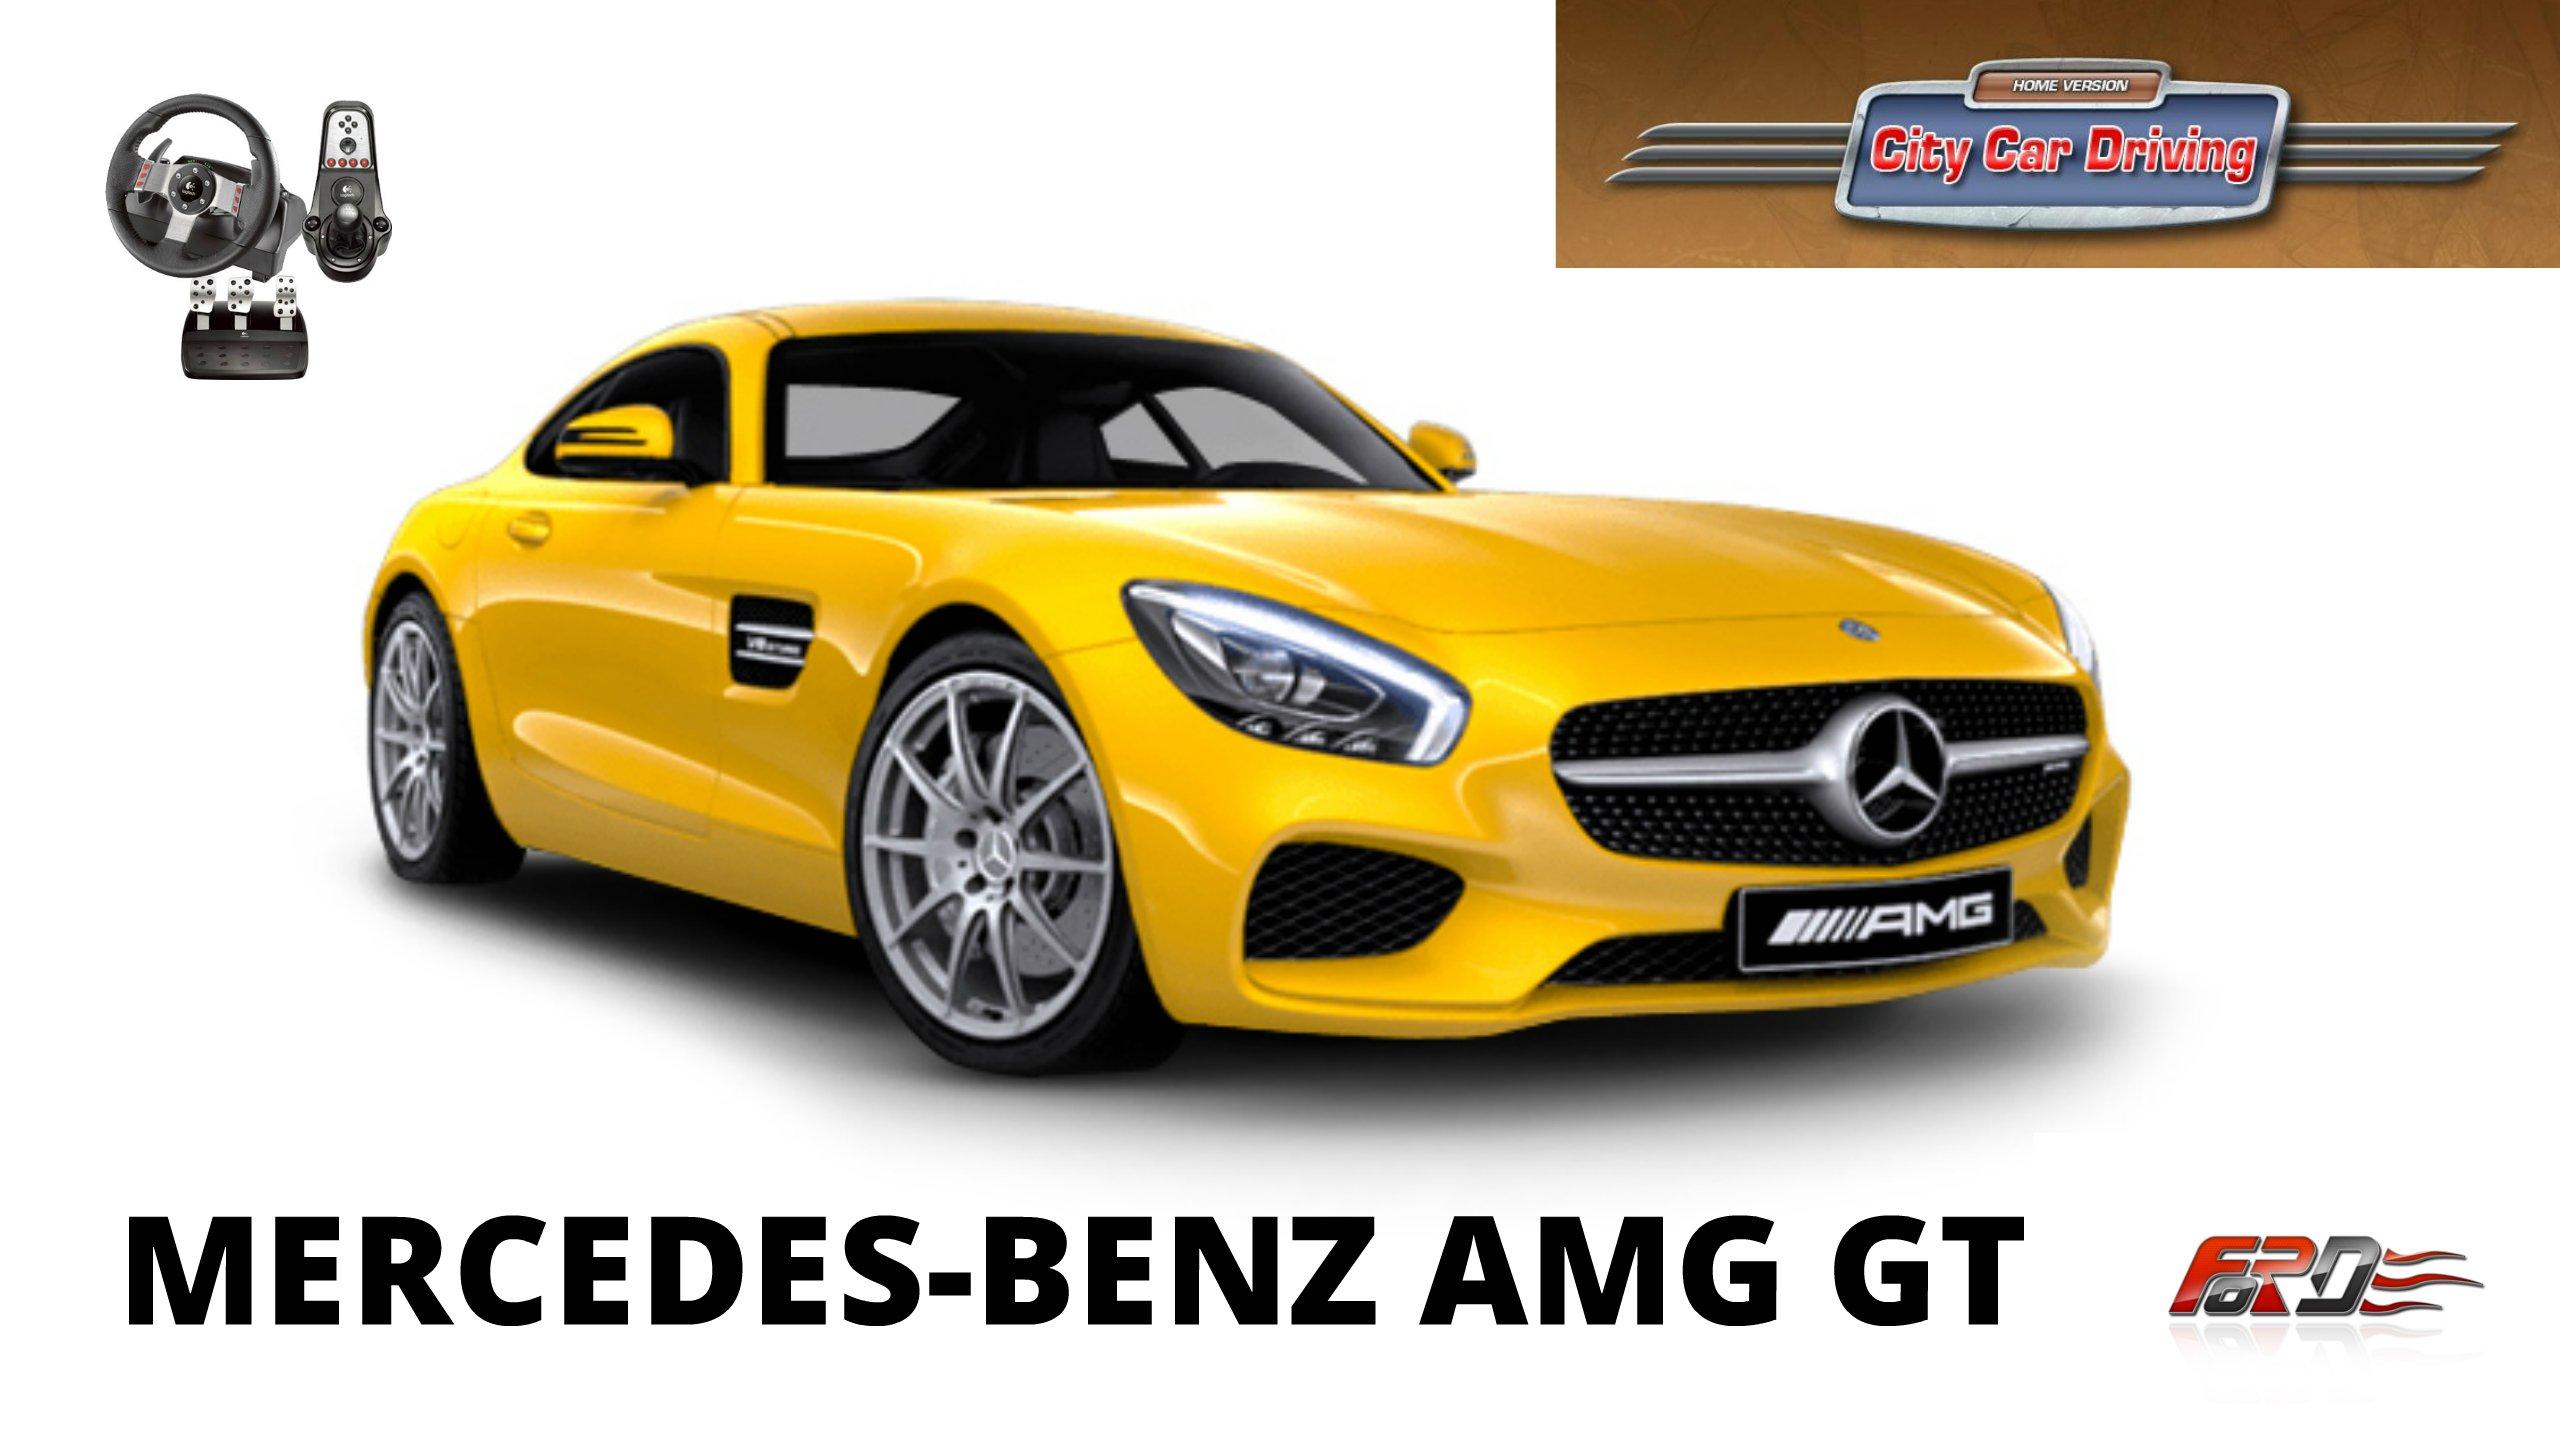 Mercedes-Benz AMG GT - тест-драйв, обзор приемника Mercedes-Benz AMG SLS в City Car Driving  - Изображение 1